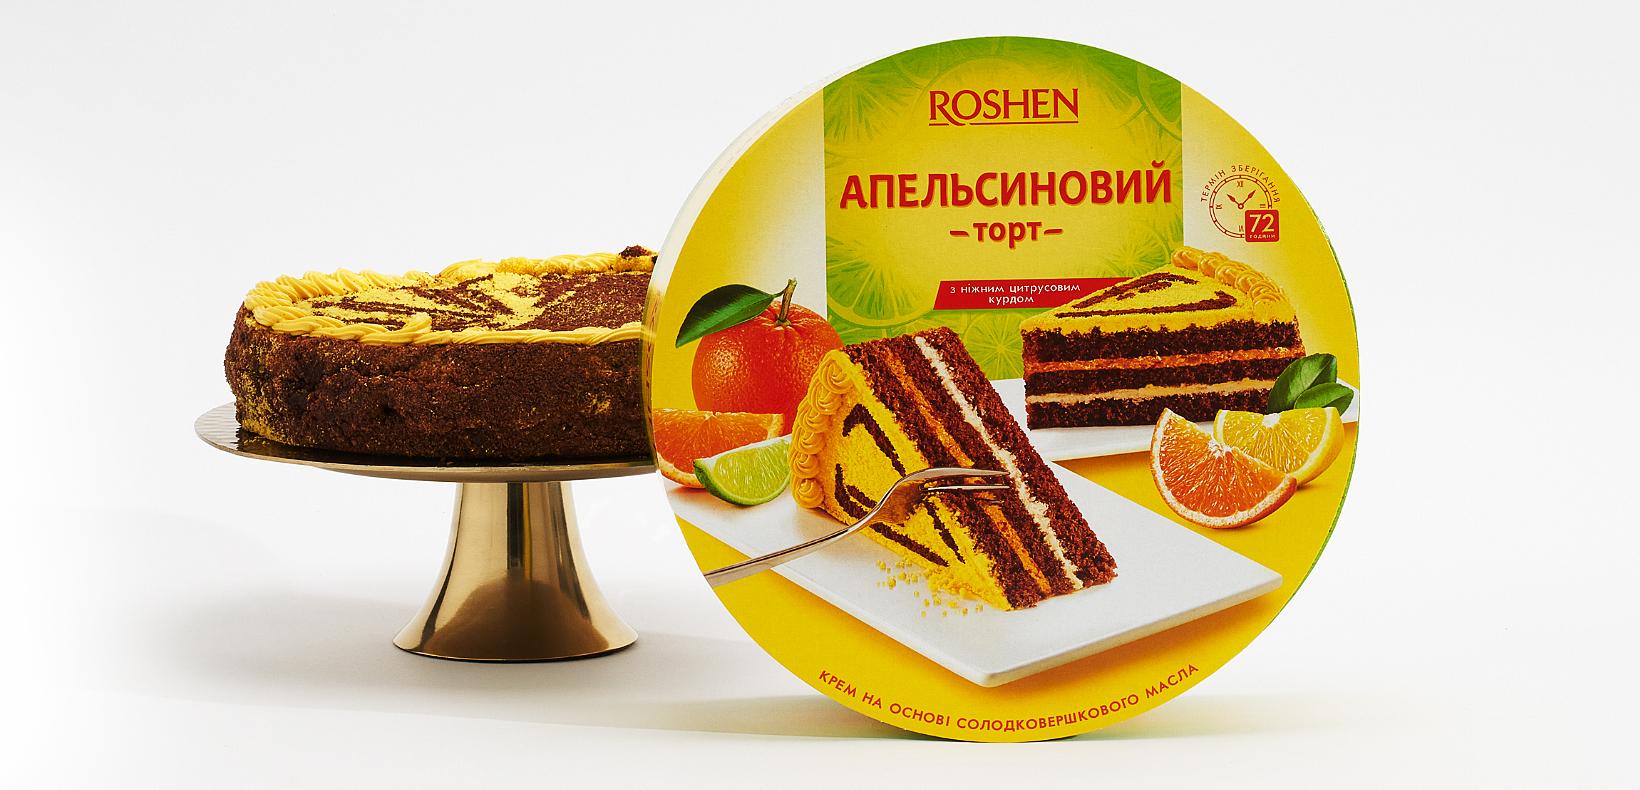 упаковка апельсинового торта Roshen